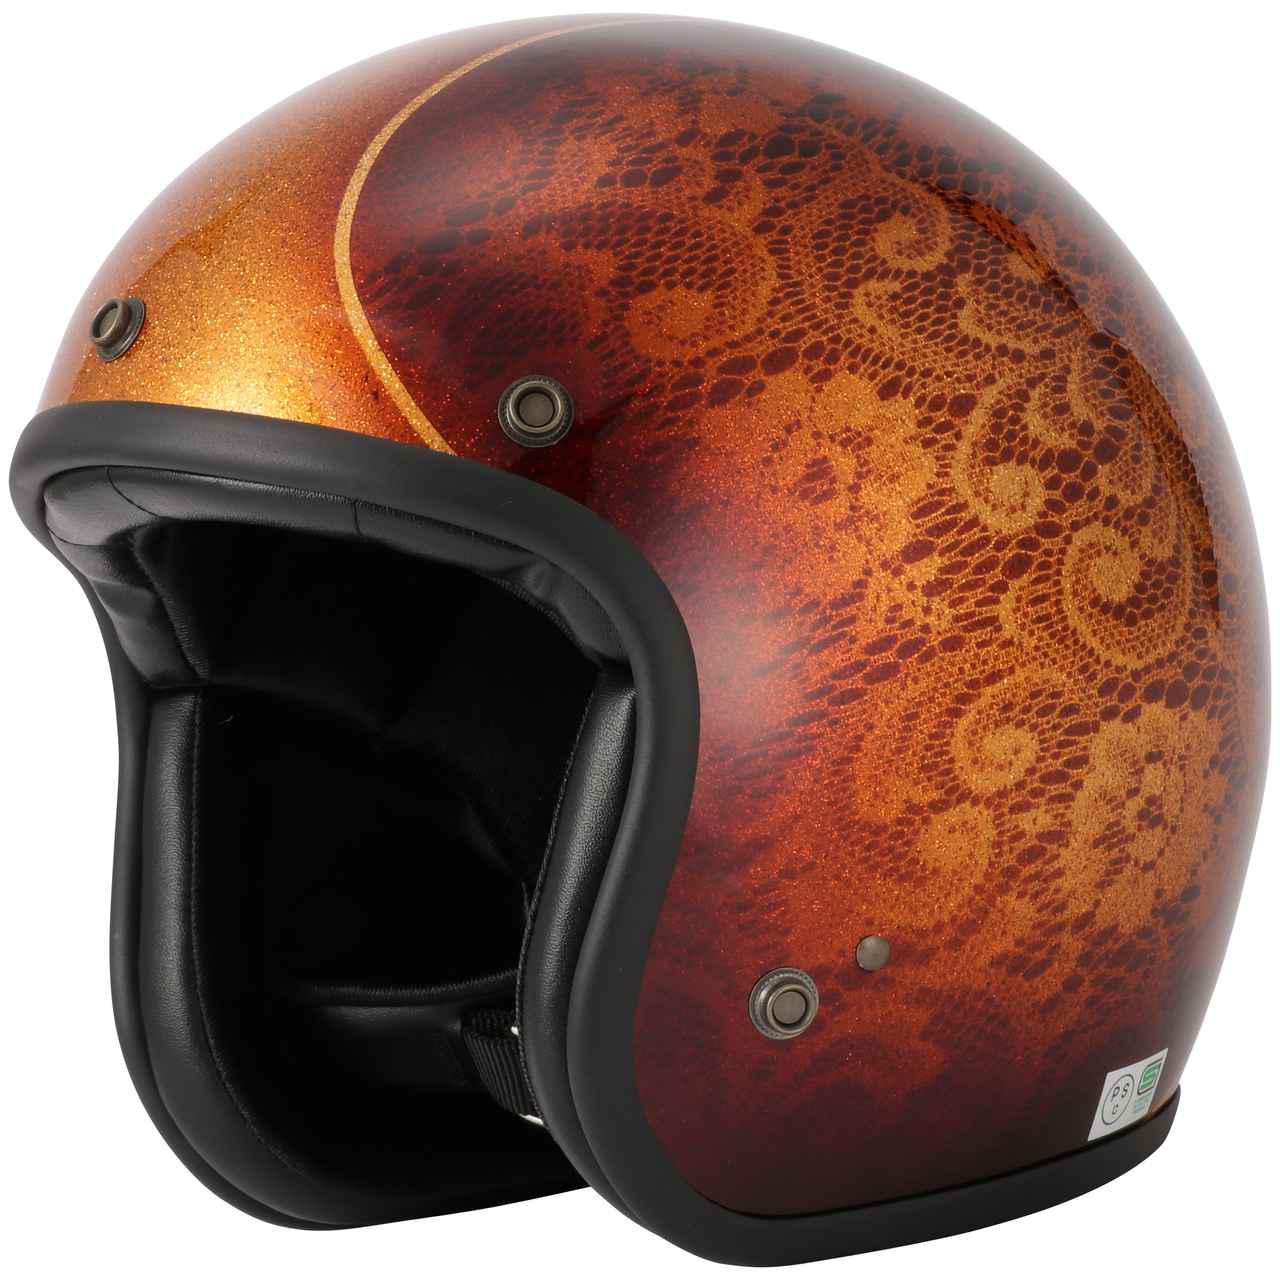 画像5: キャンディペイントで仕上げた大人のグラフィック! RIDEZが「二キトーヘルメット」の限定モデルを4月1日に発売